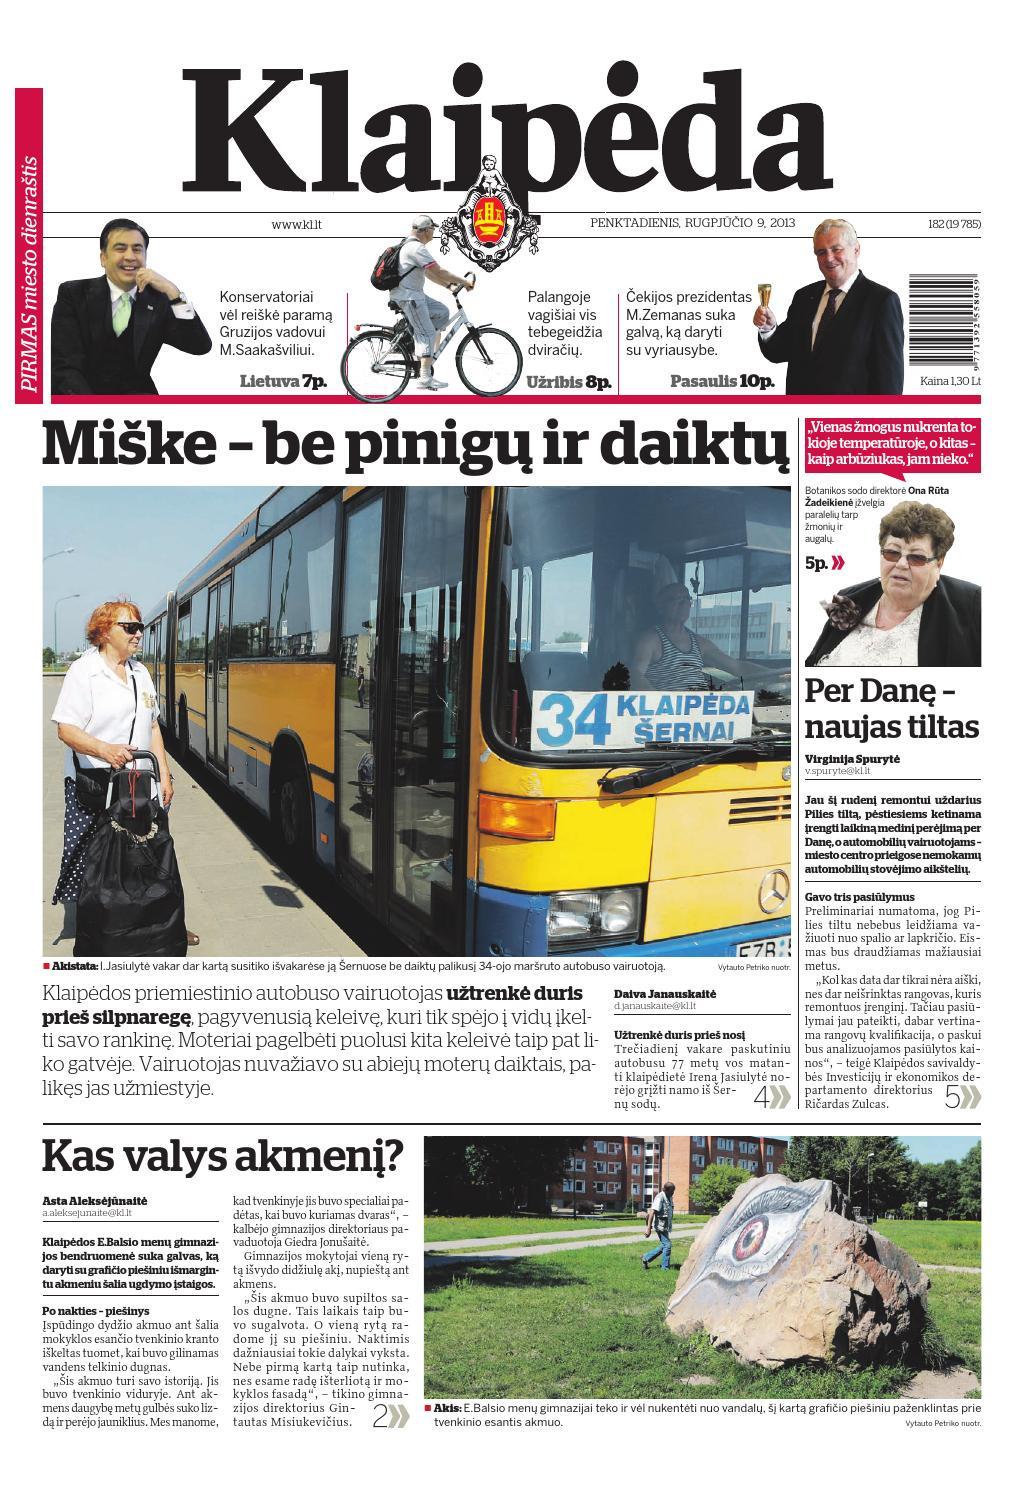 Afrika Nema Karta Reke.2013 08 09 Klaipeda Internetas By Diena Media News Issuu